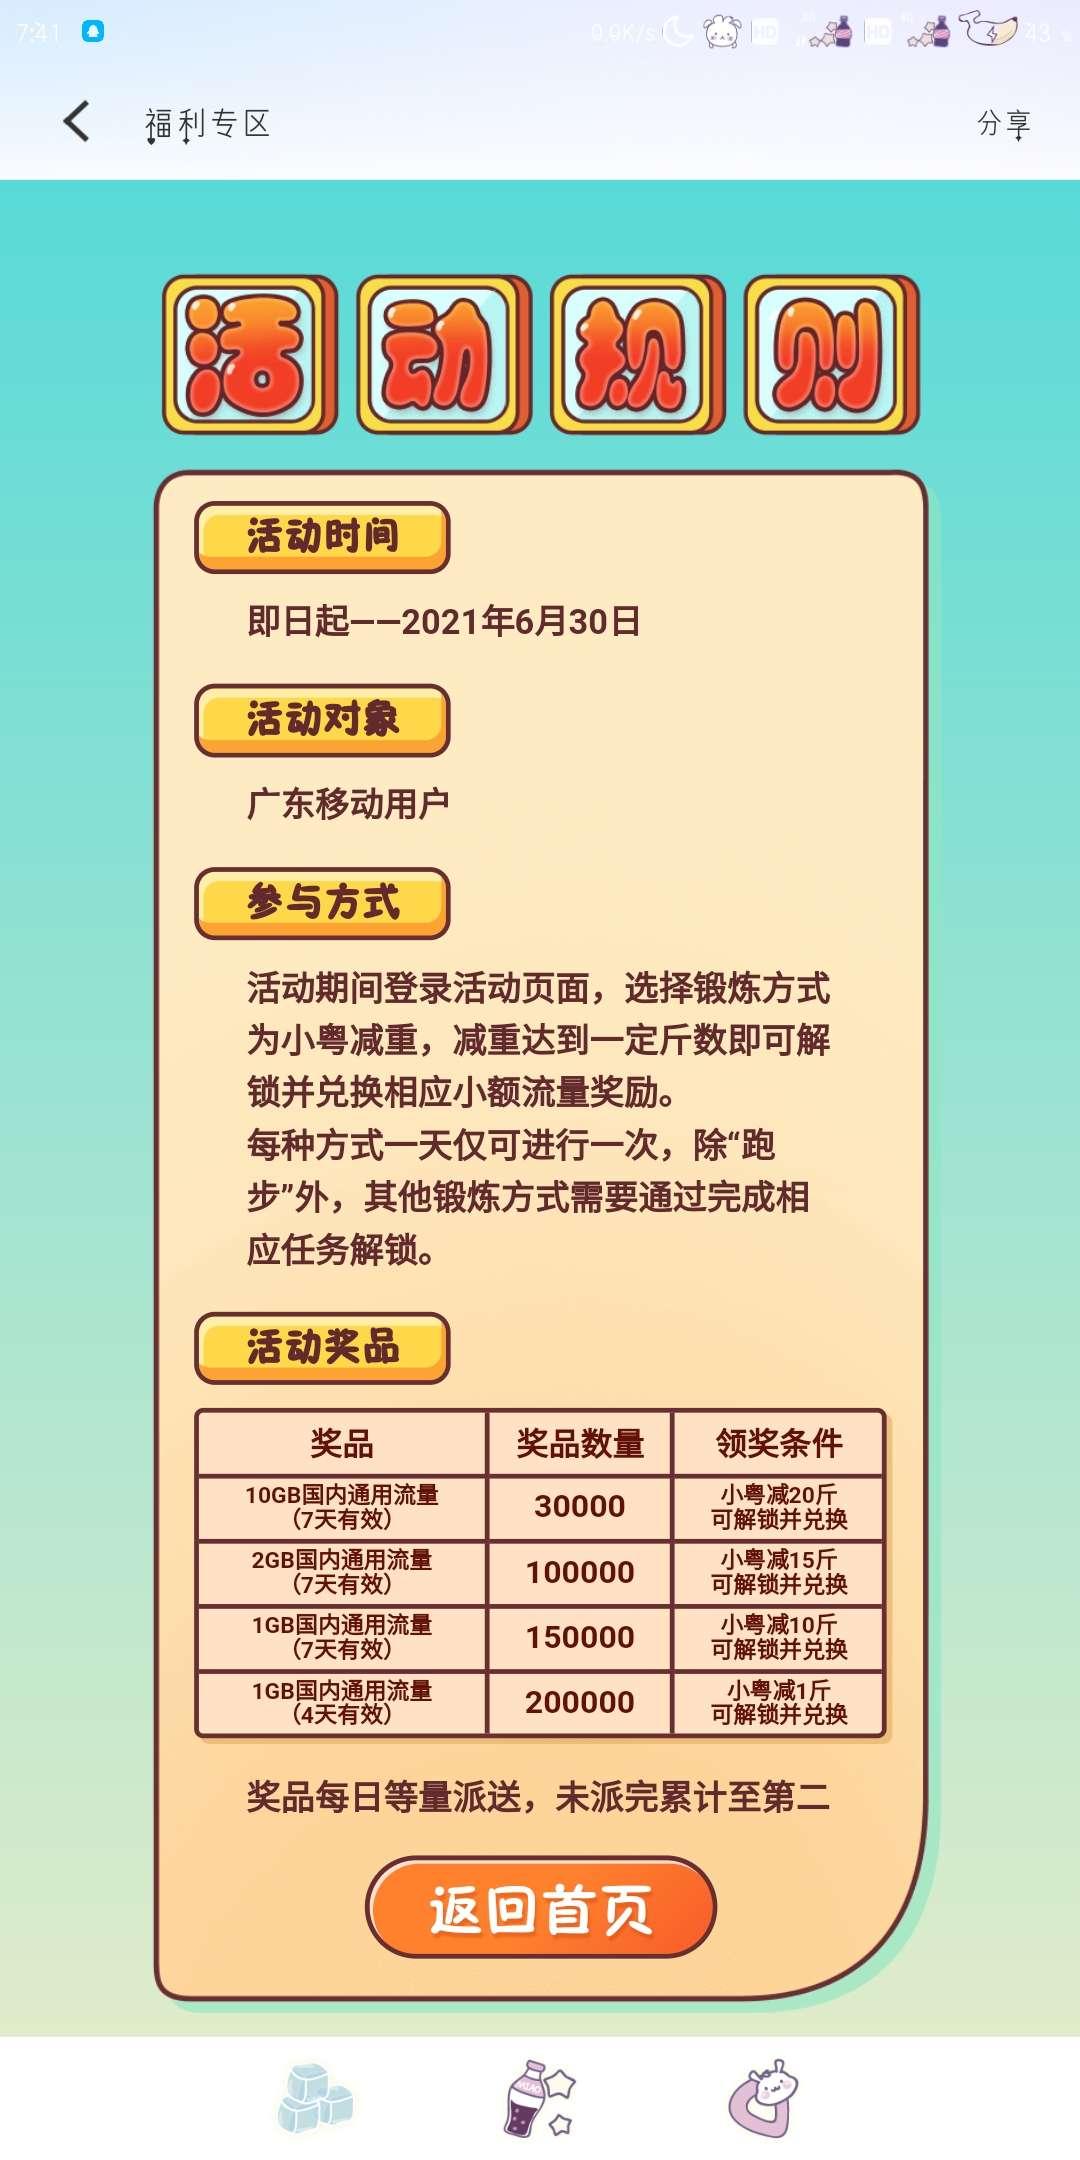 rBAAdmC-1kGAfYe5AAKK1y1w-SM803.jpg插图(3)